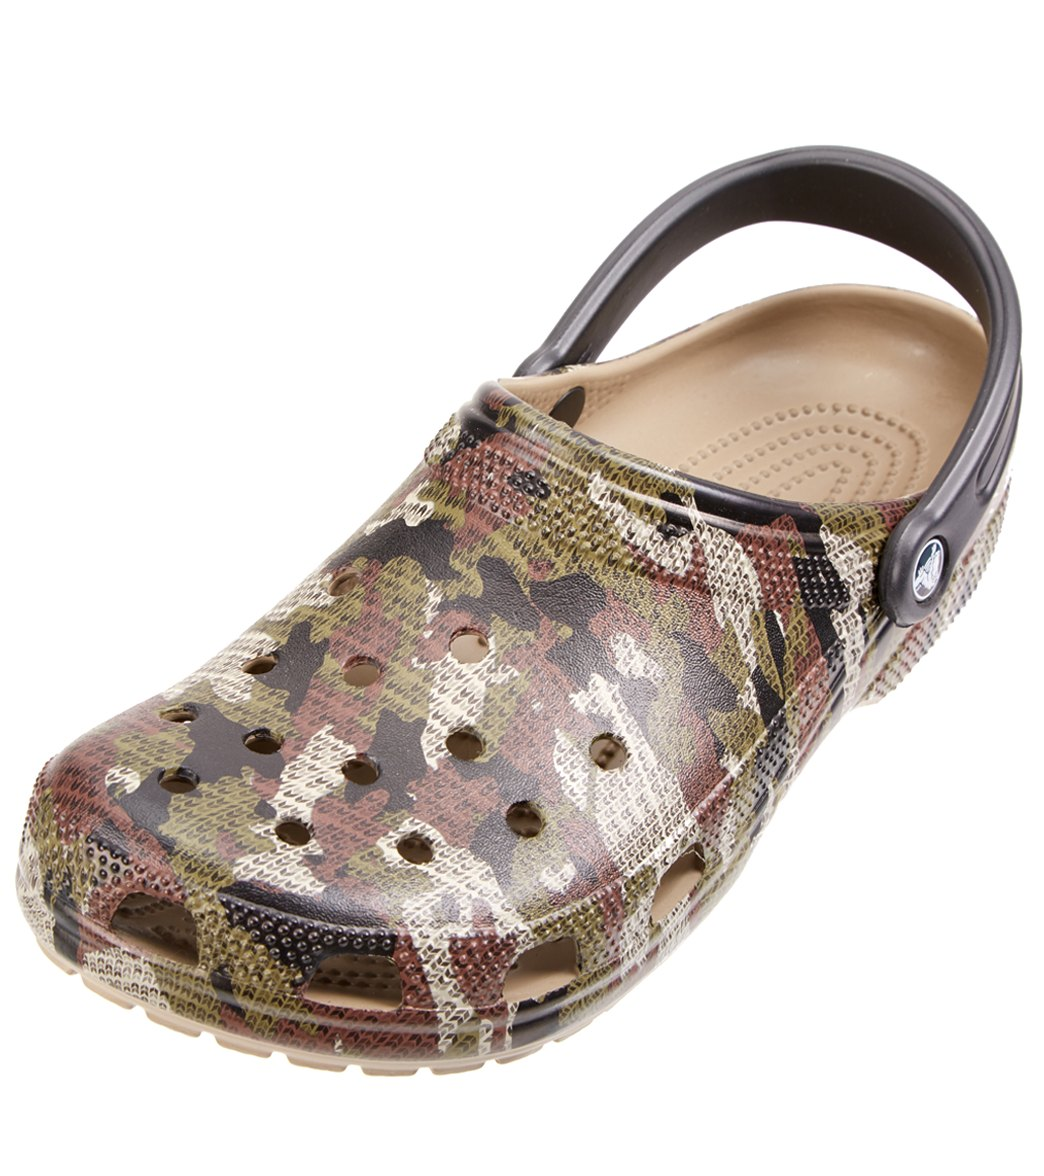 b63ffa756 Crocs Classic Camo Clog at SwimOutlet.com